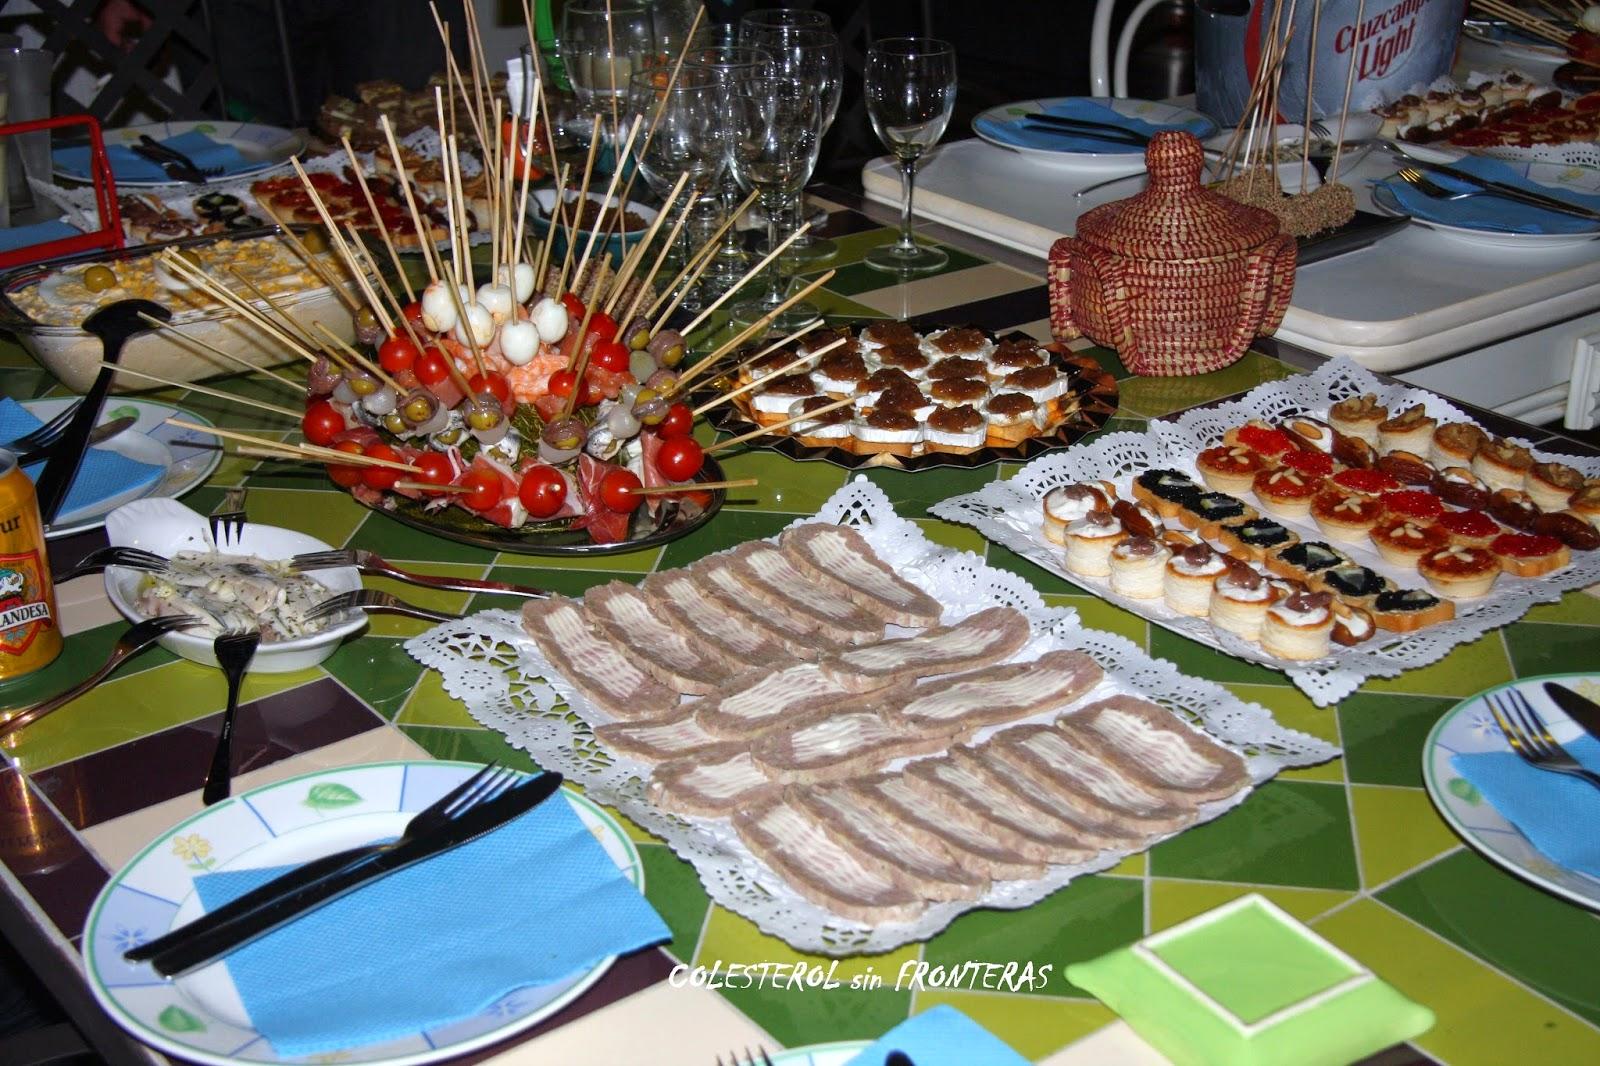 Colesterol Sin Fronteras Ideas Para Una Cena Fria ~ Recetas Para Una Cena Con Amigos